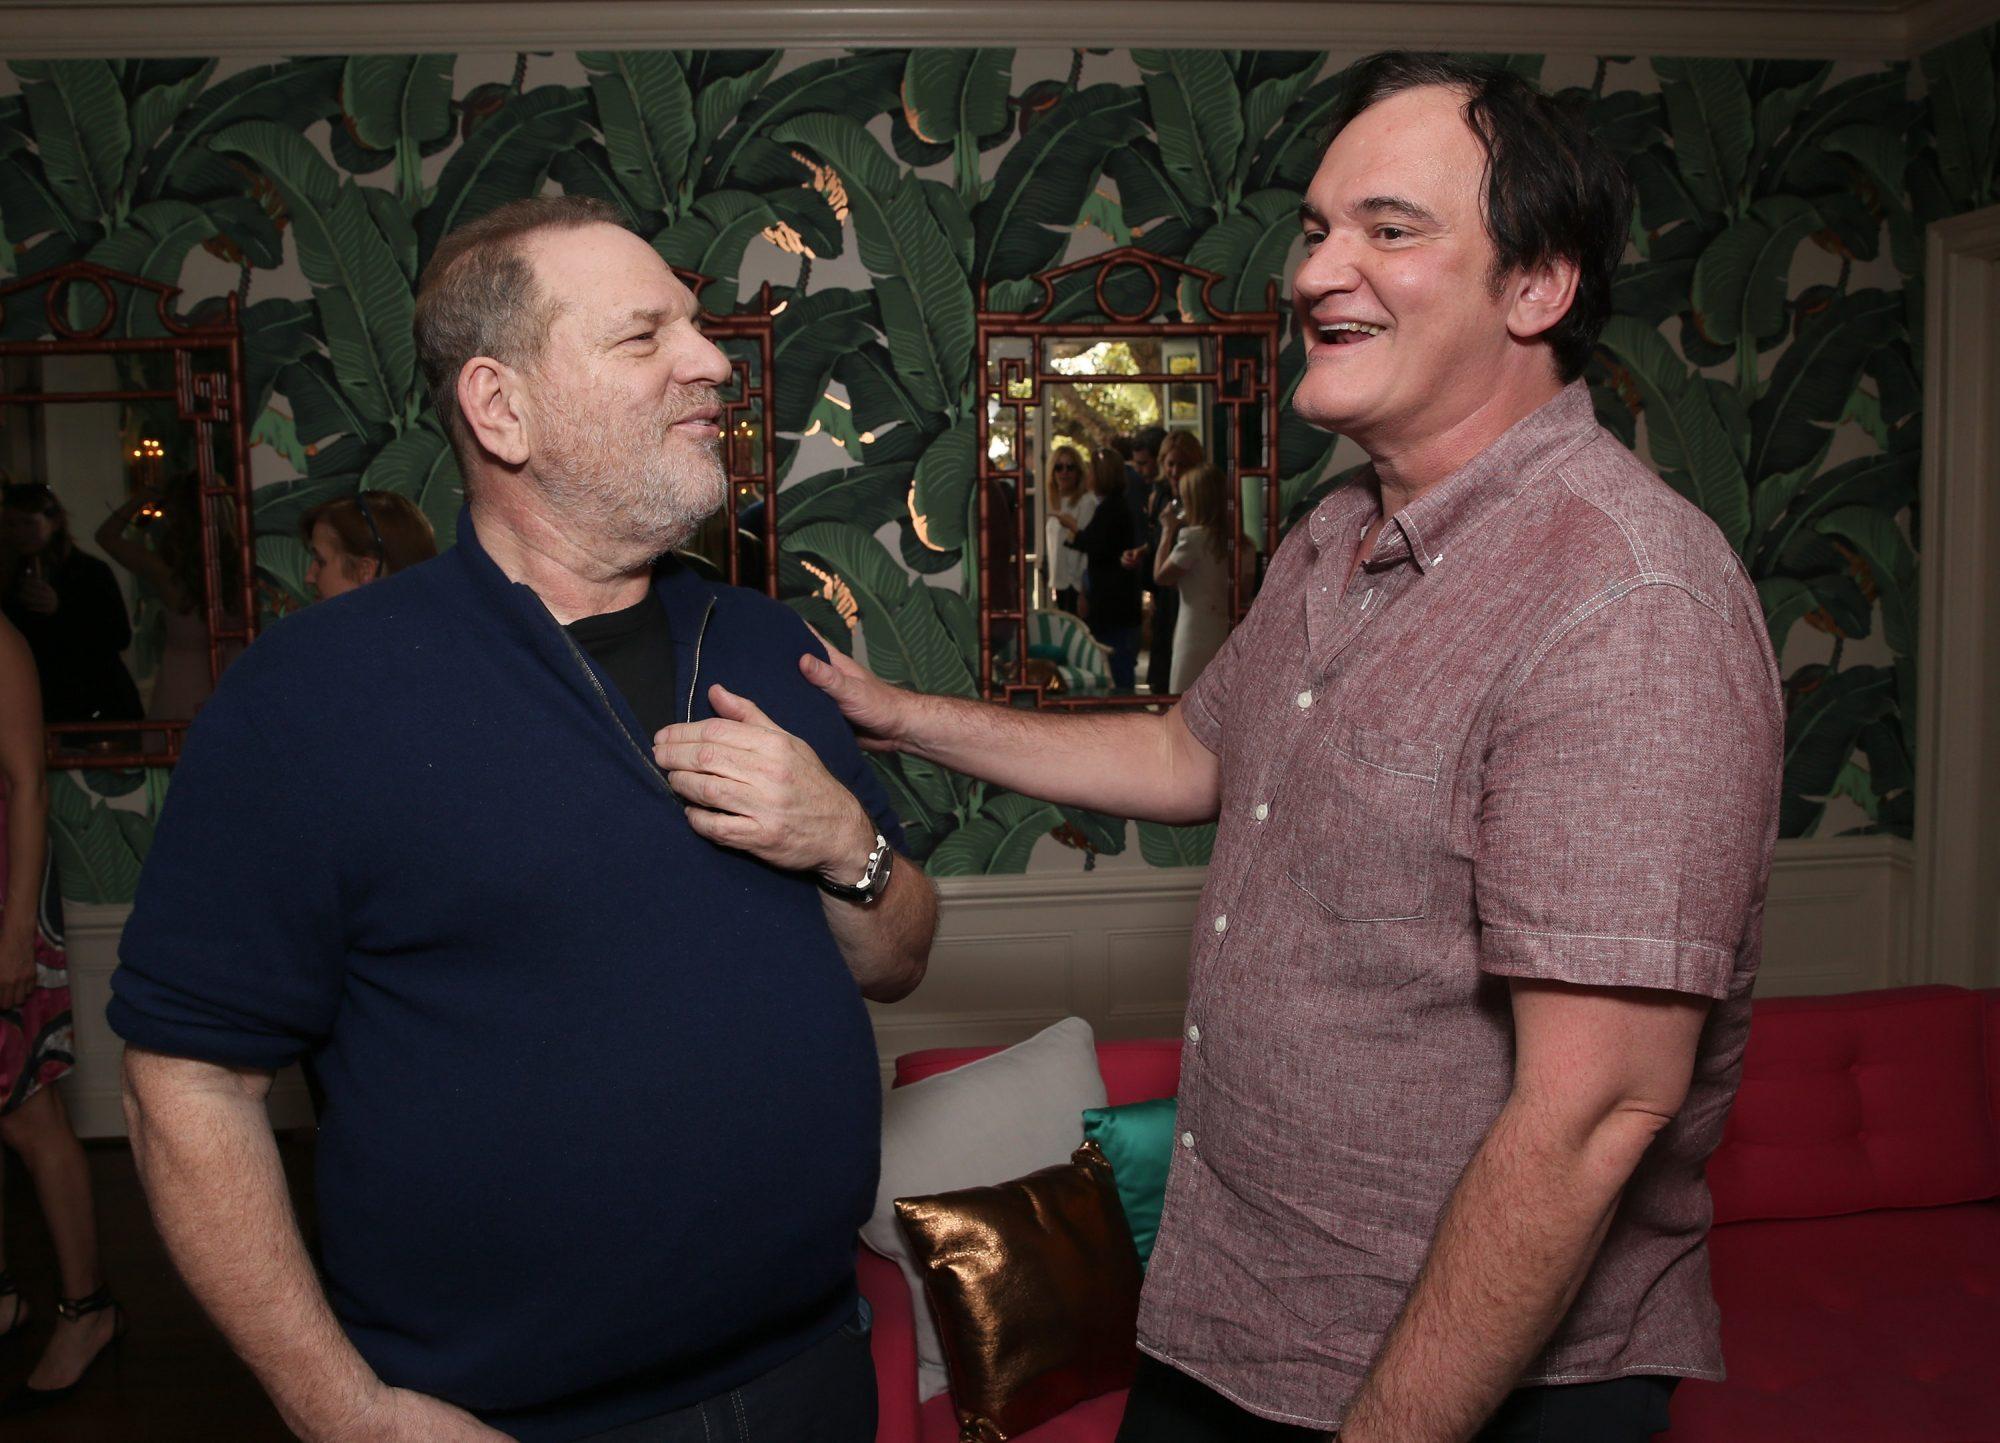 Quentin-and-Harvey-Weinstein.jpg